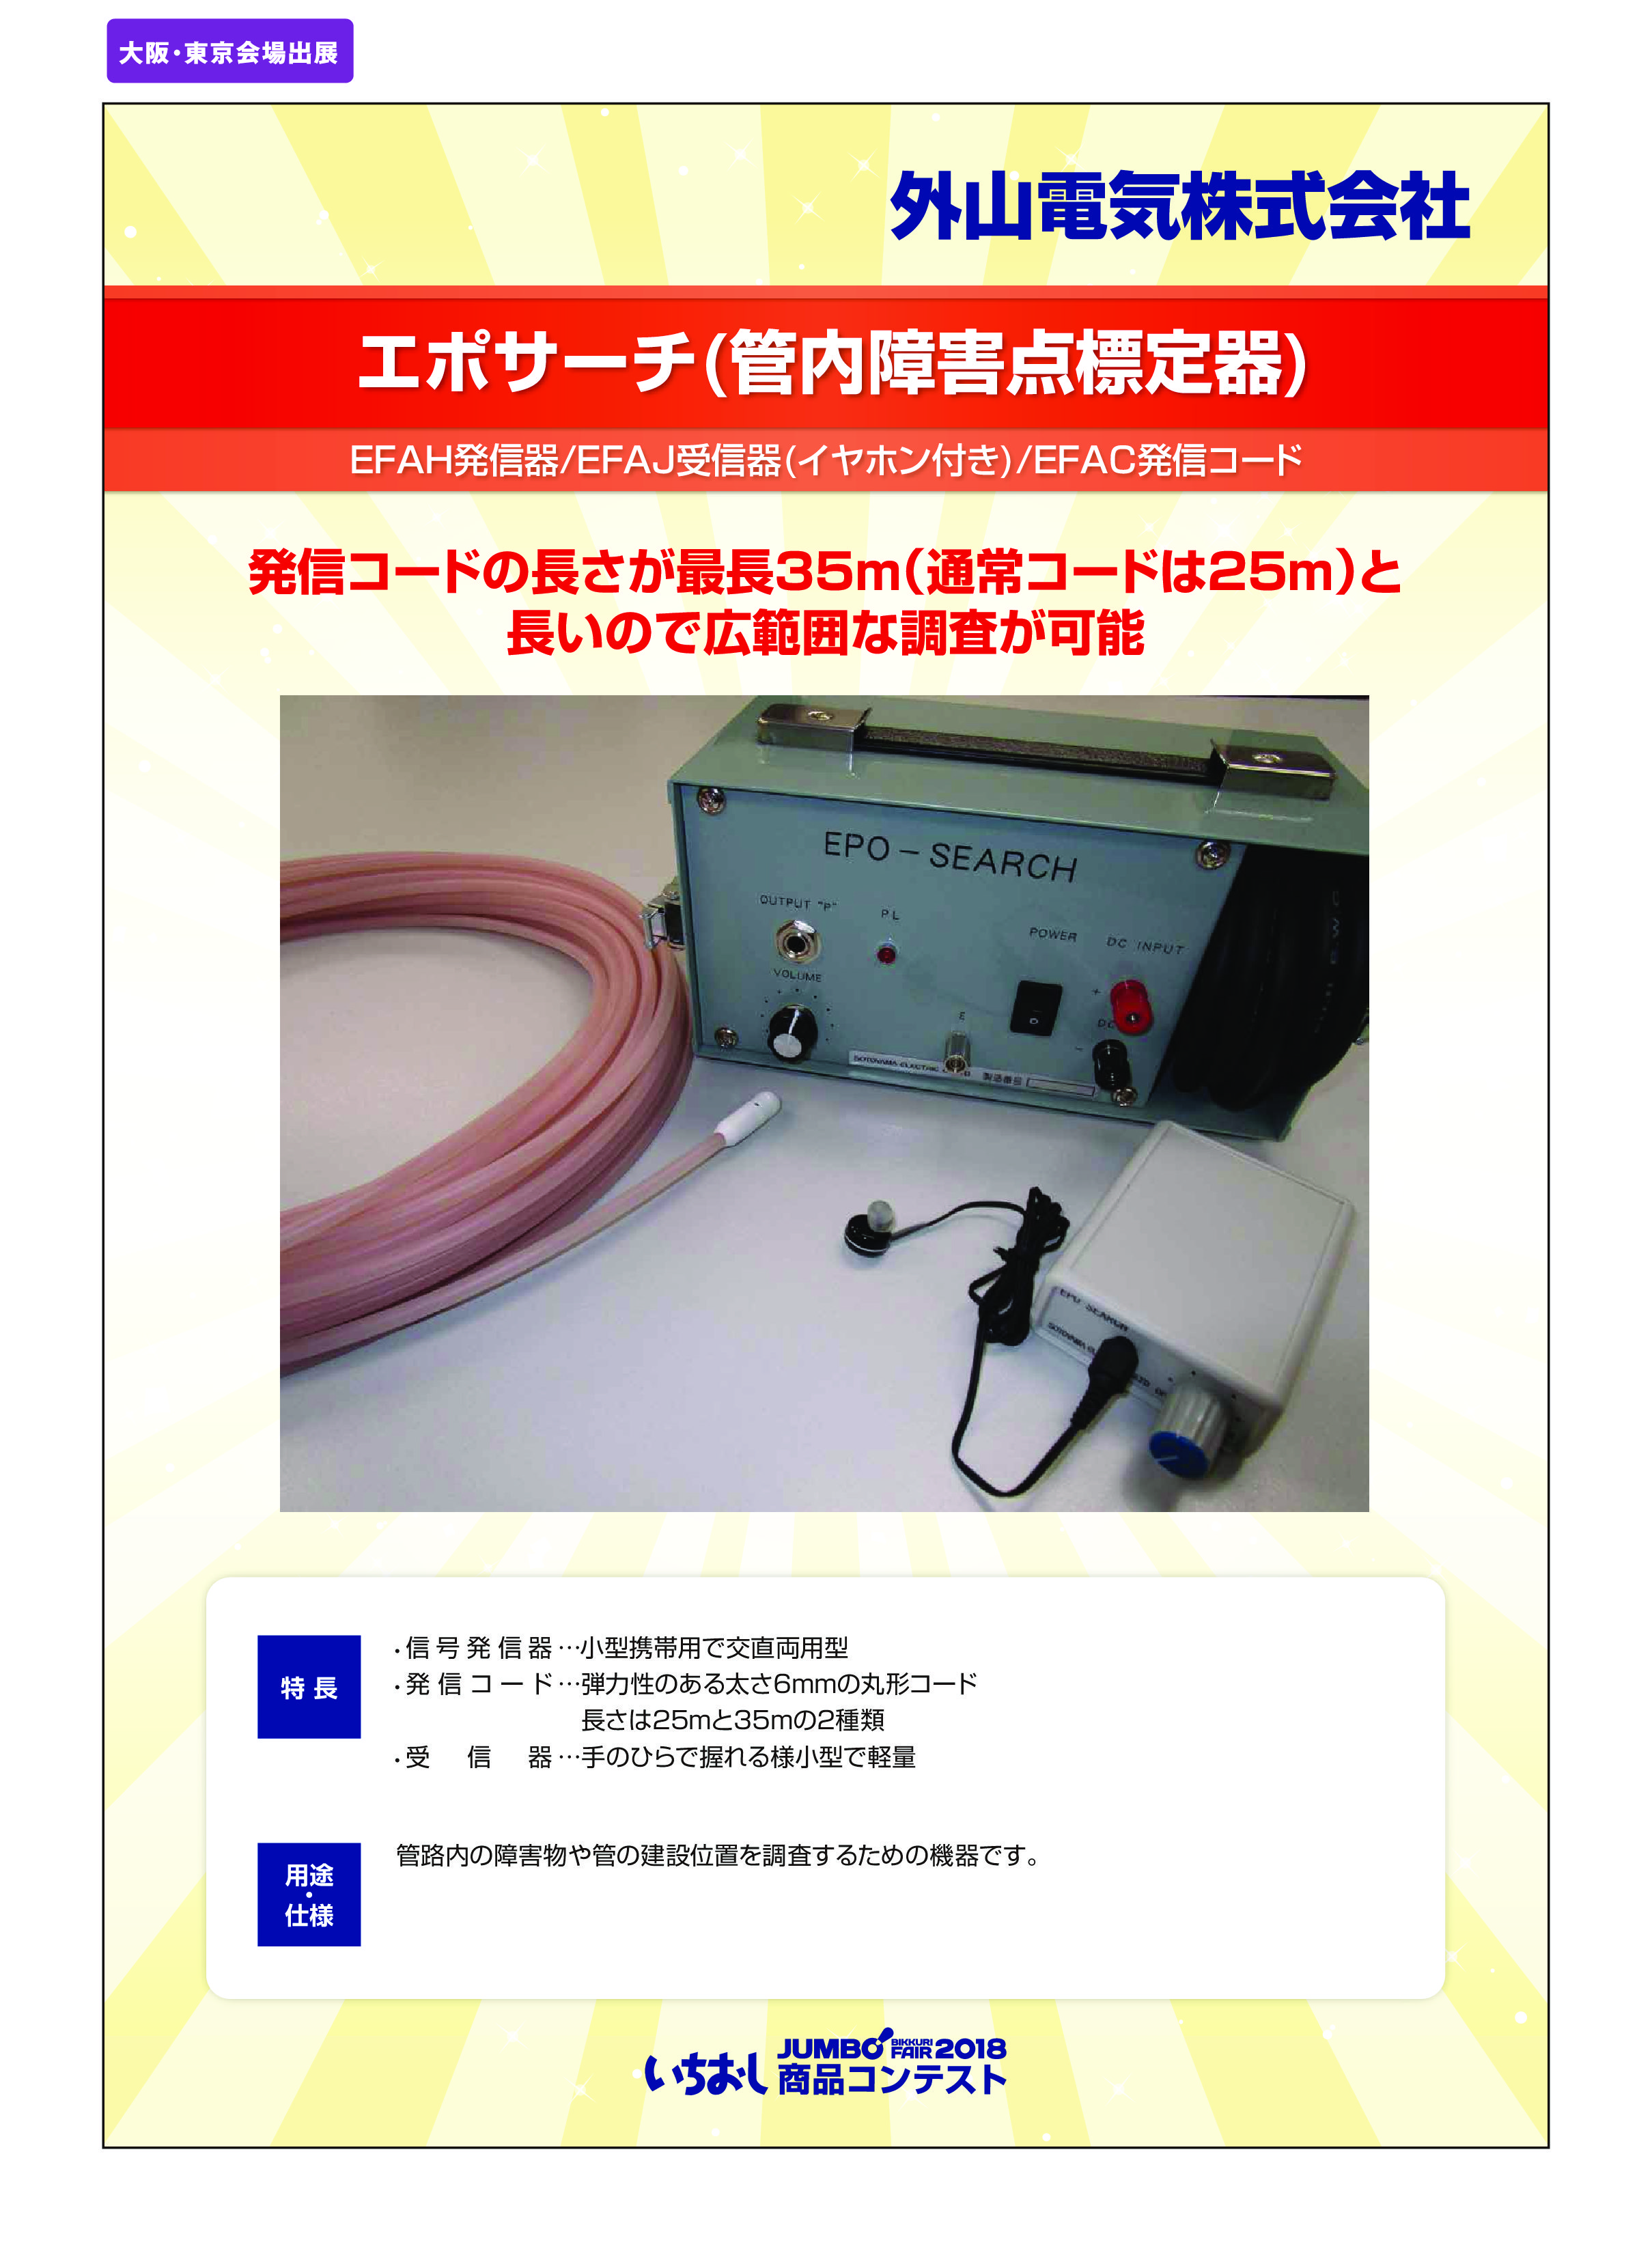 「エポサーチ(管内障害点標定器)」外山電気株式会社の画像